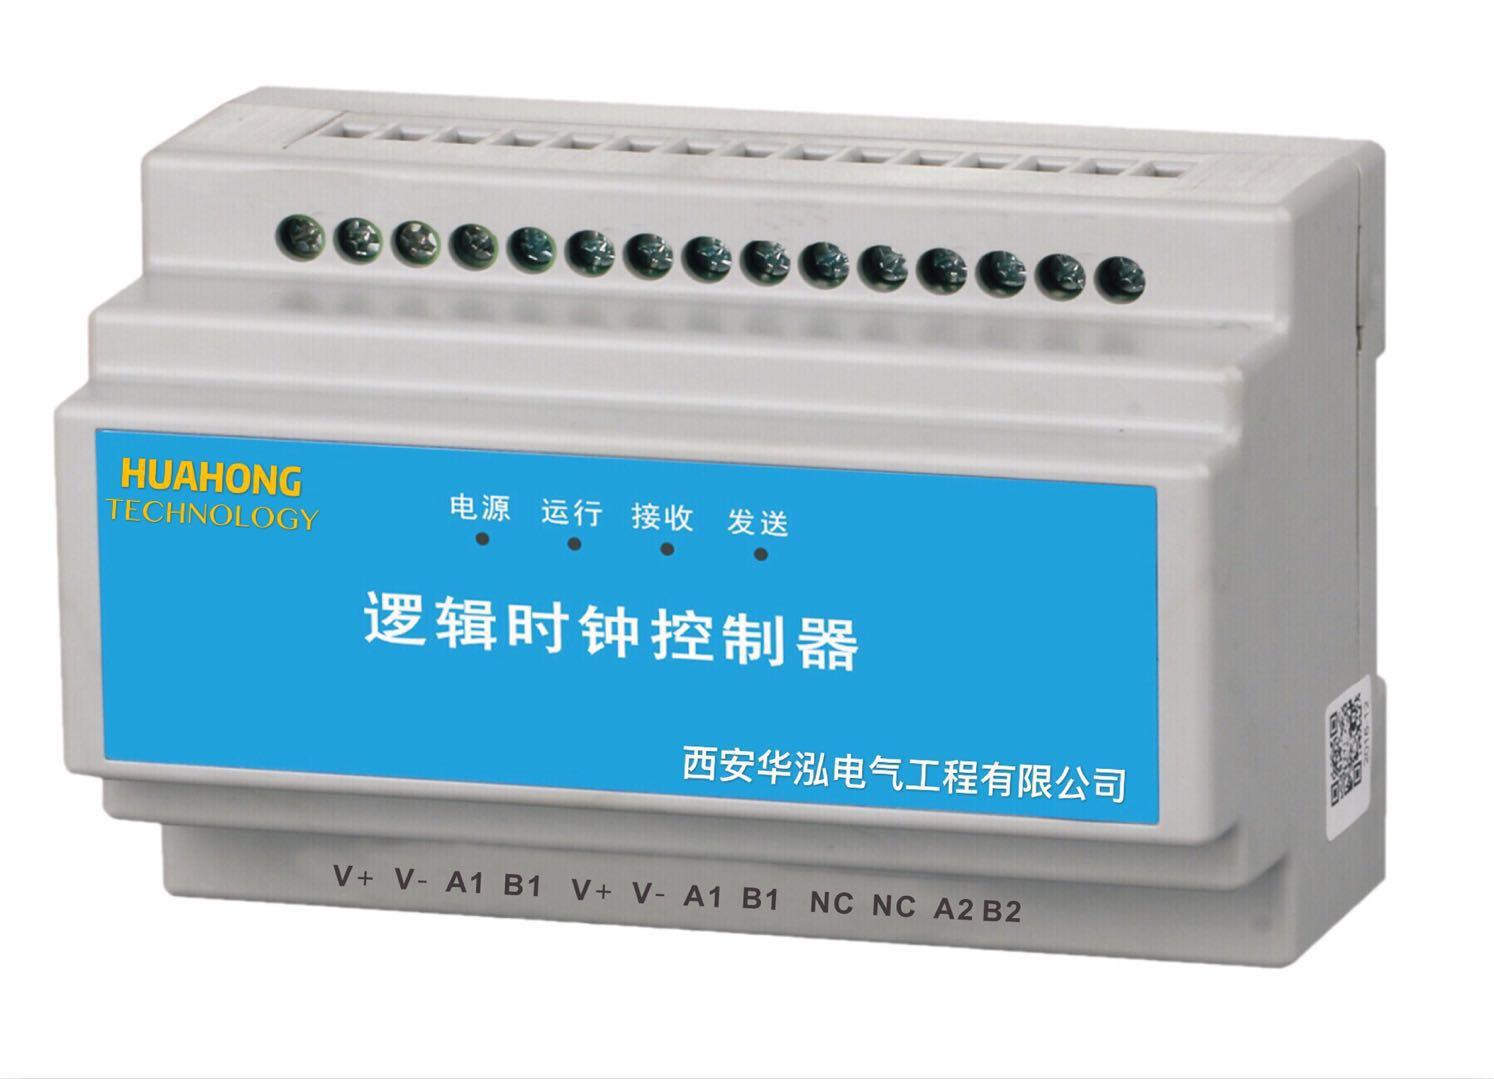 华泓电气工程智能照明开关控制系统厂家-DX610